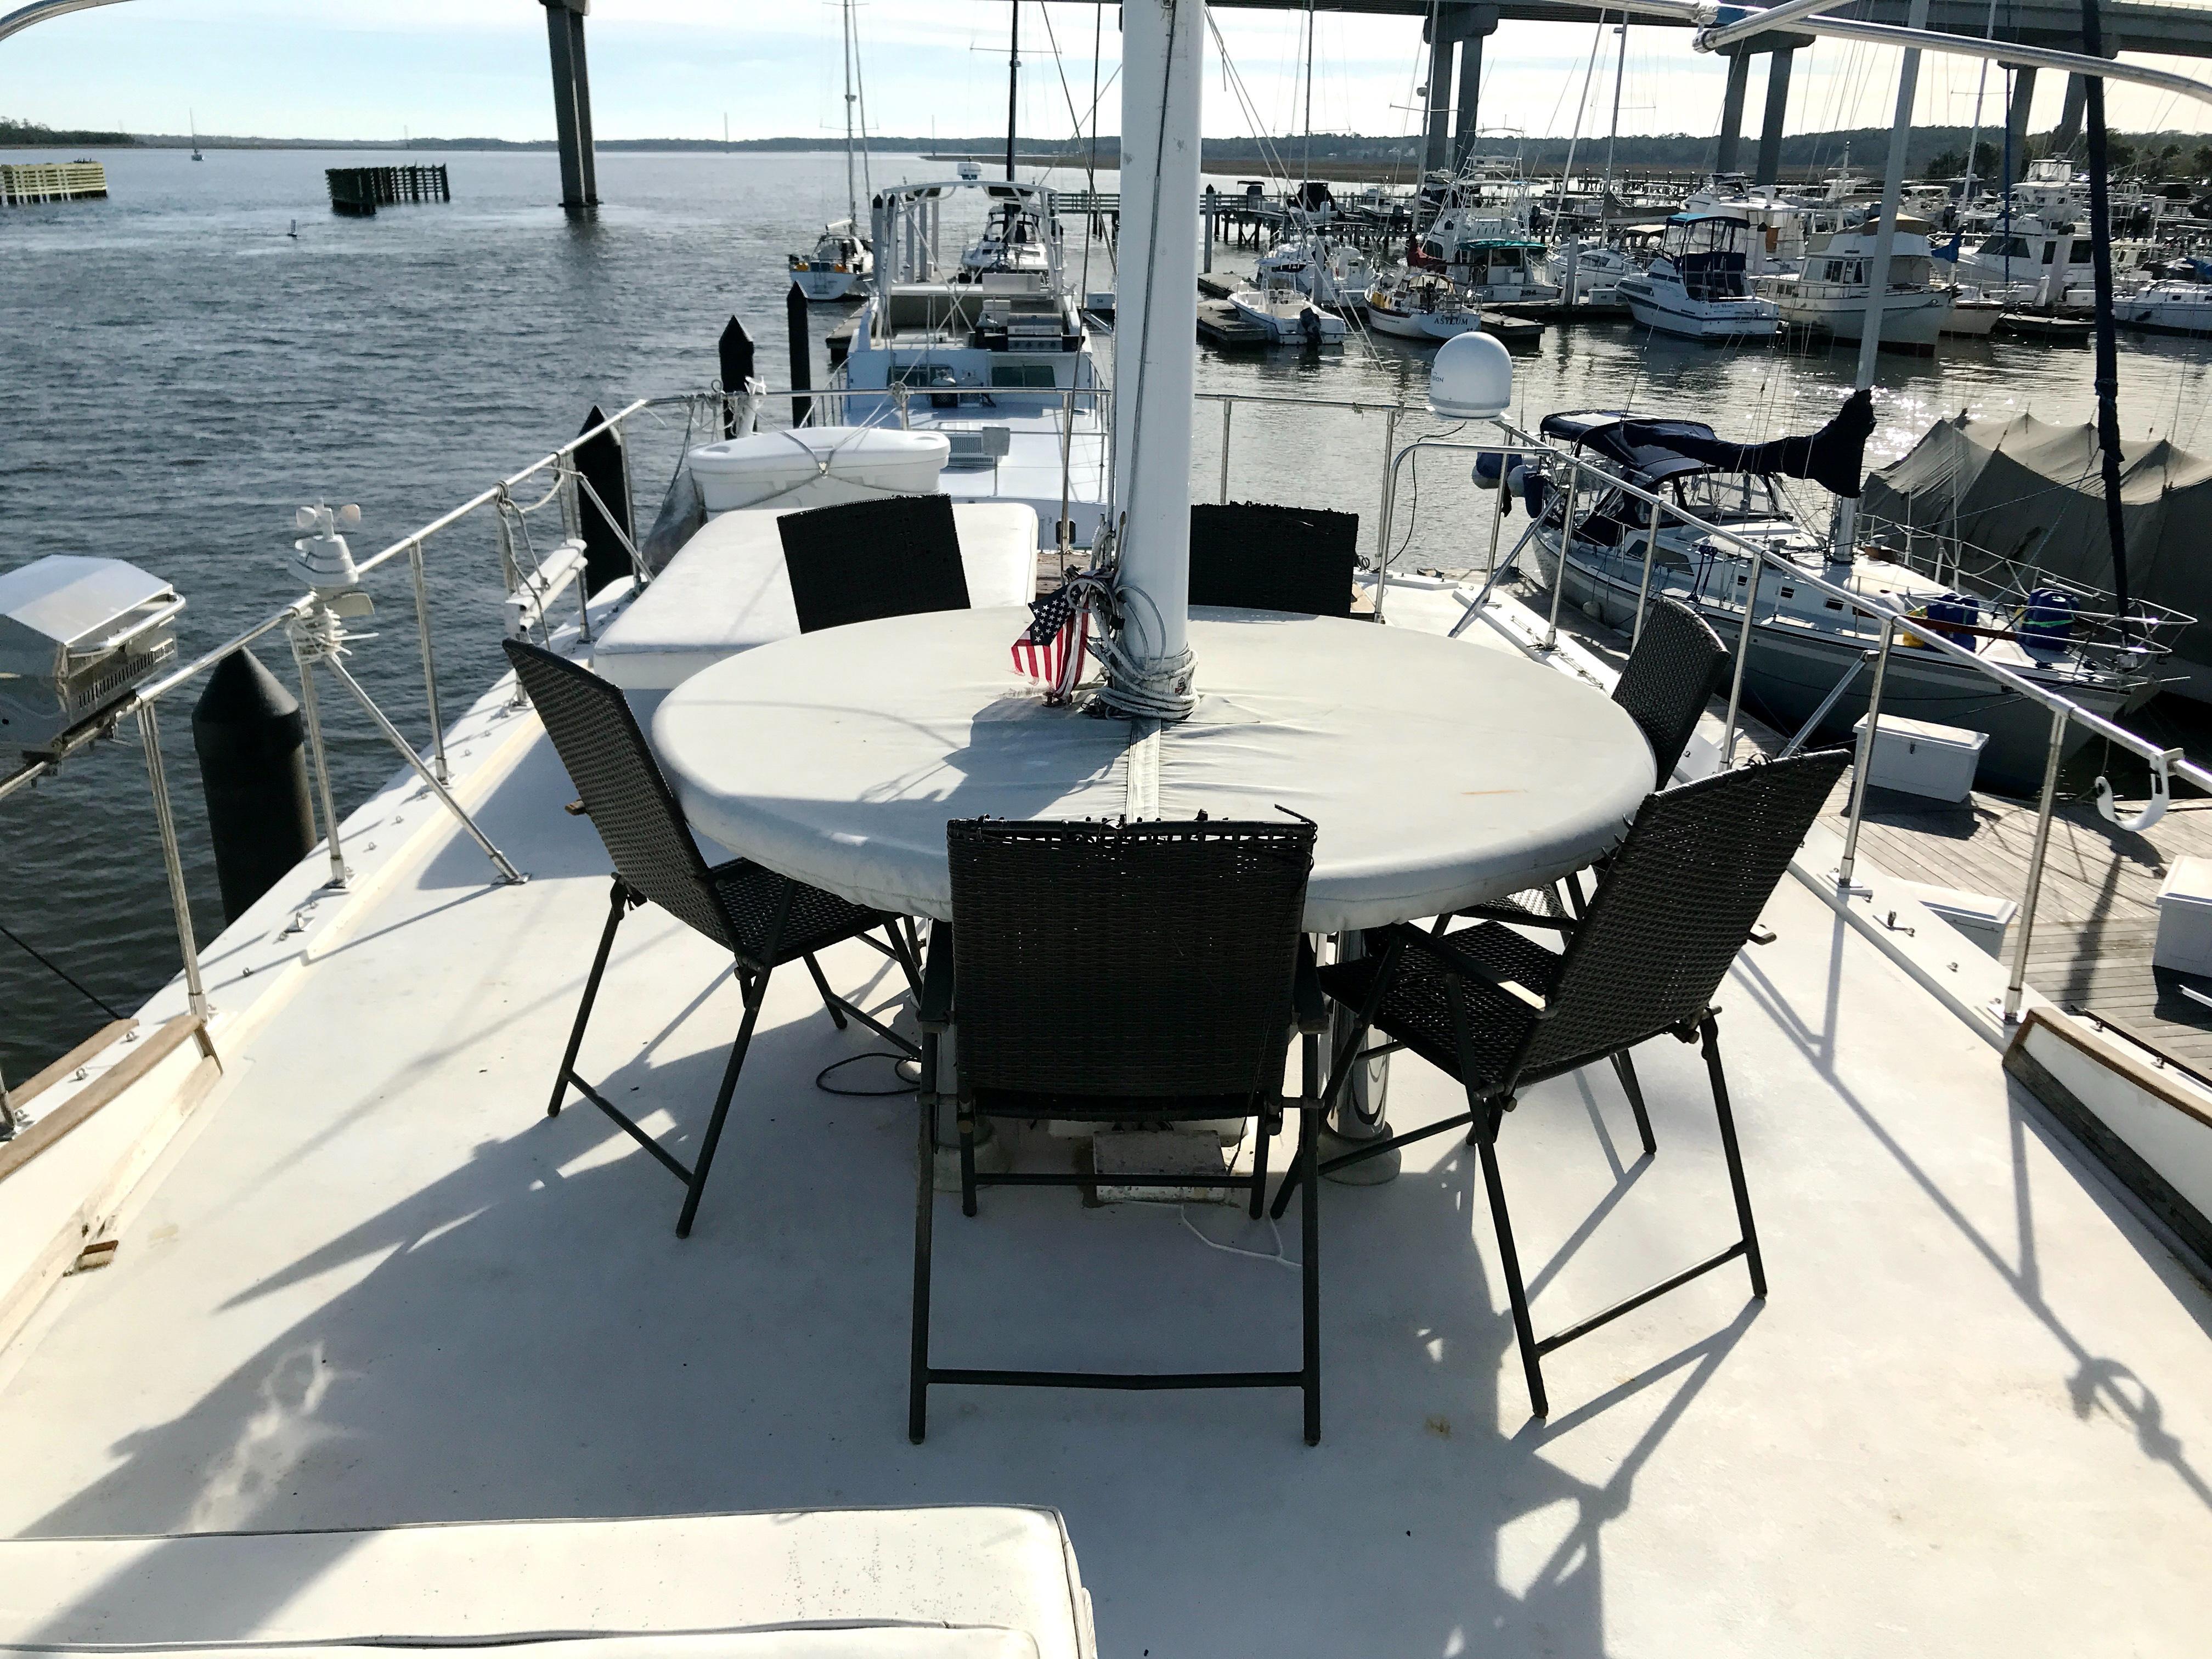 Marine Trader 50 Motoryacht - upper deck custom table